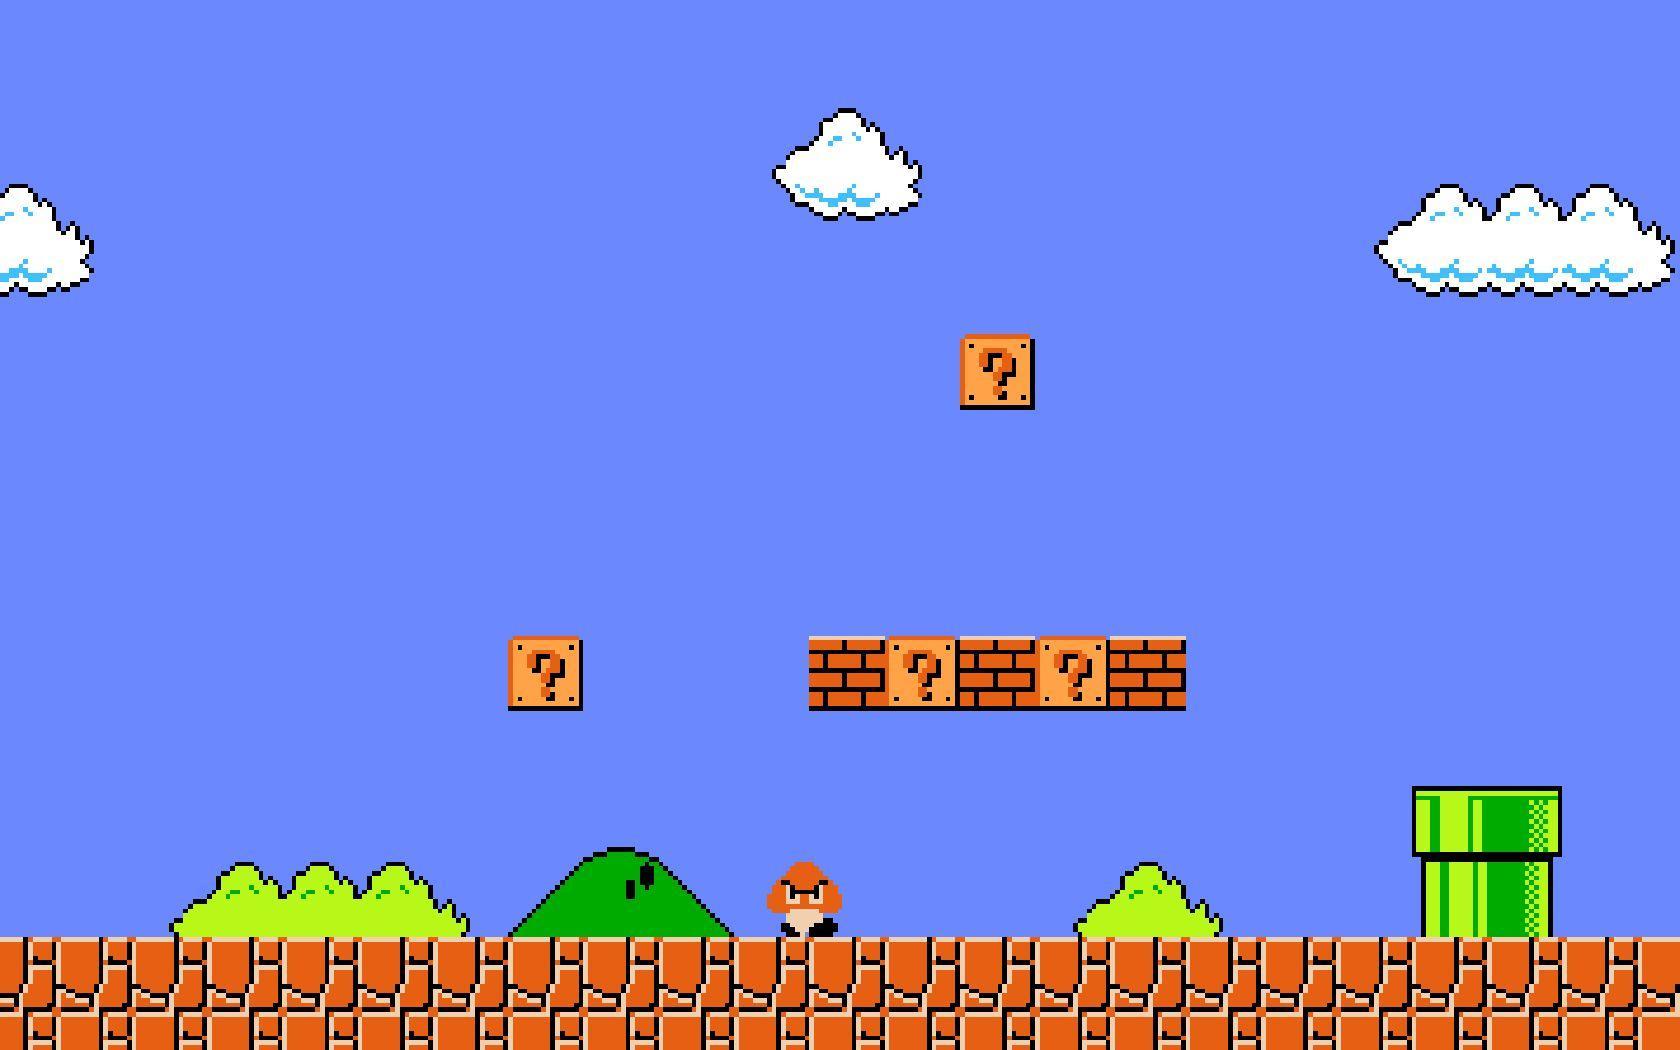 Mario Desktop Backgrounds: Super Mario 3 Wallpapers